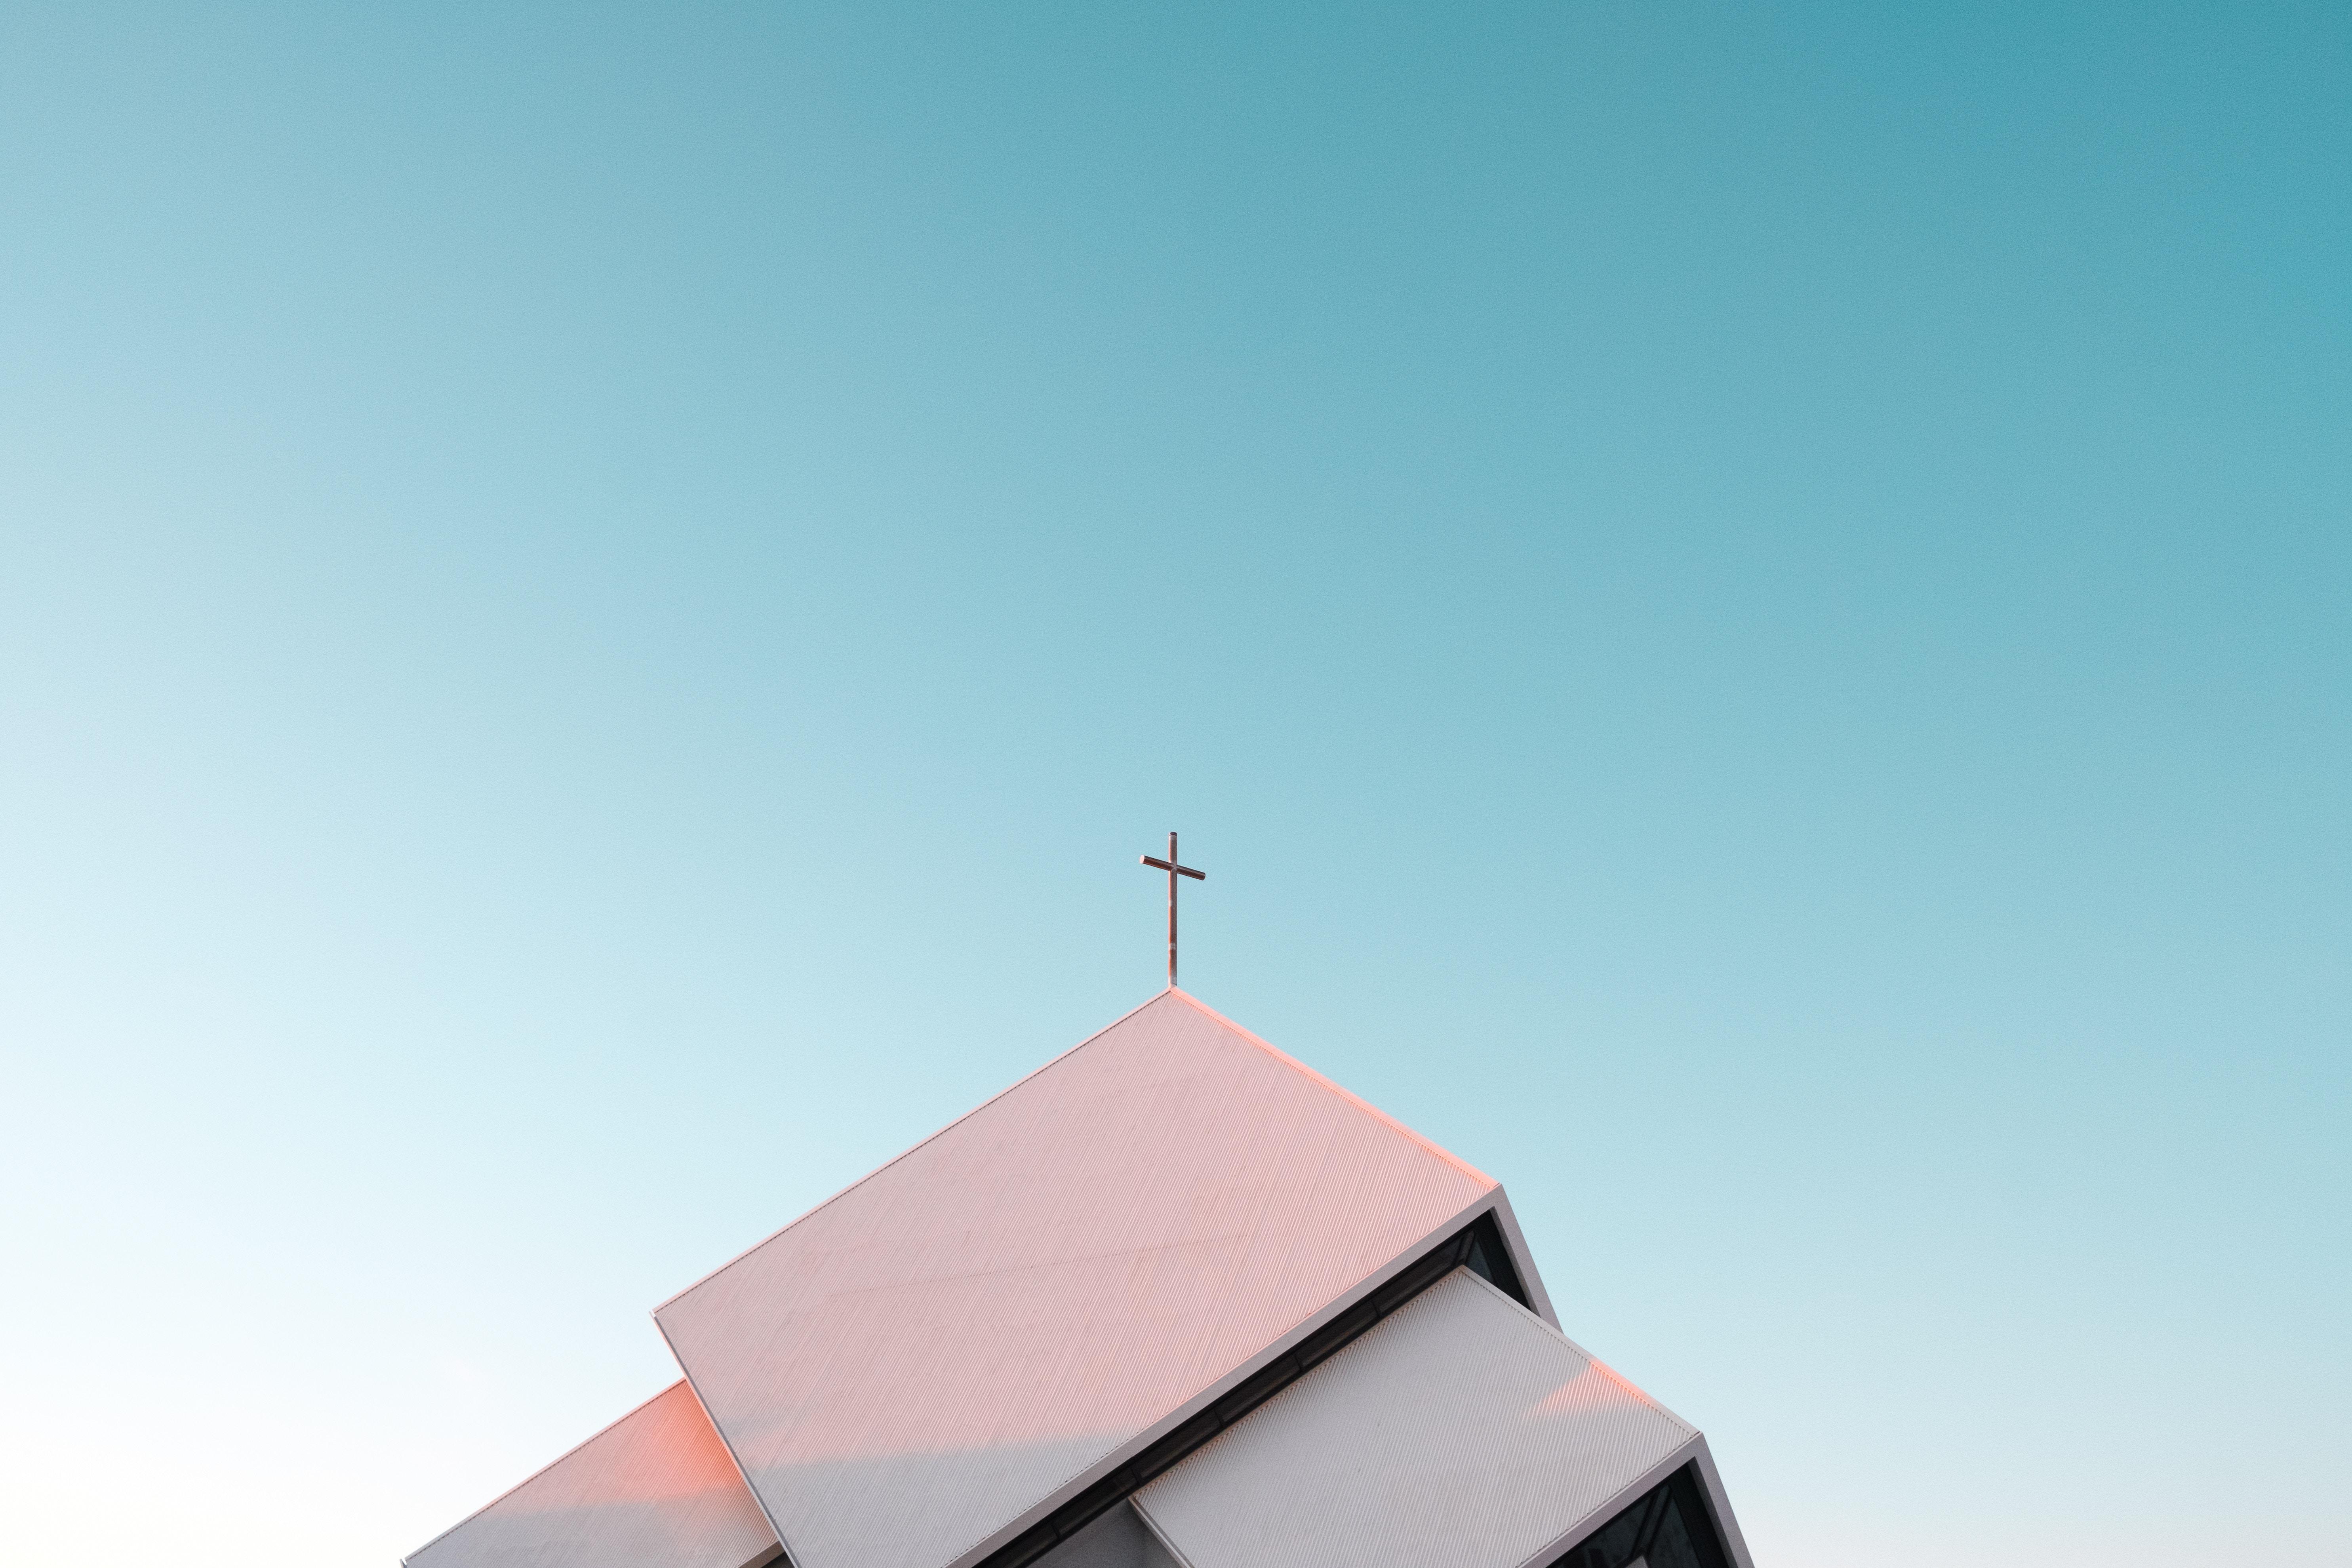 Mennyit tudsz a kereszténységről? Teszteld a tudásod!